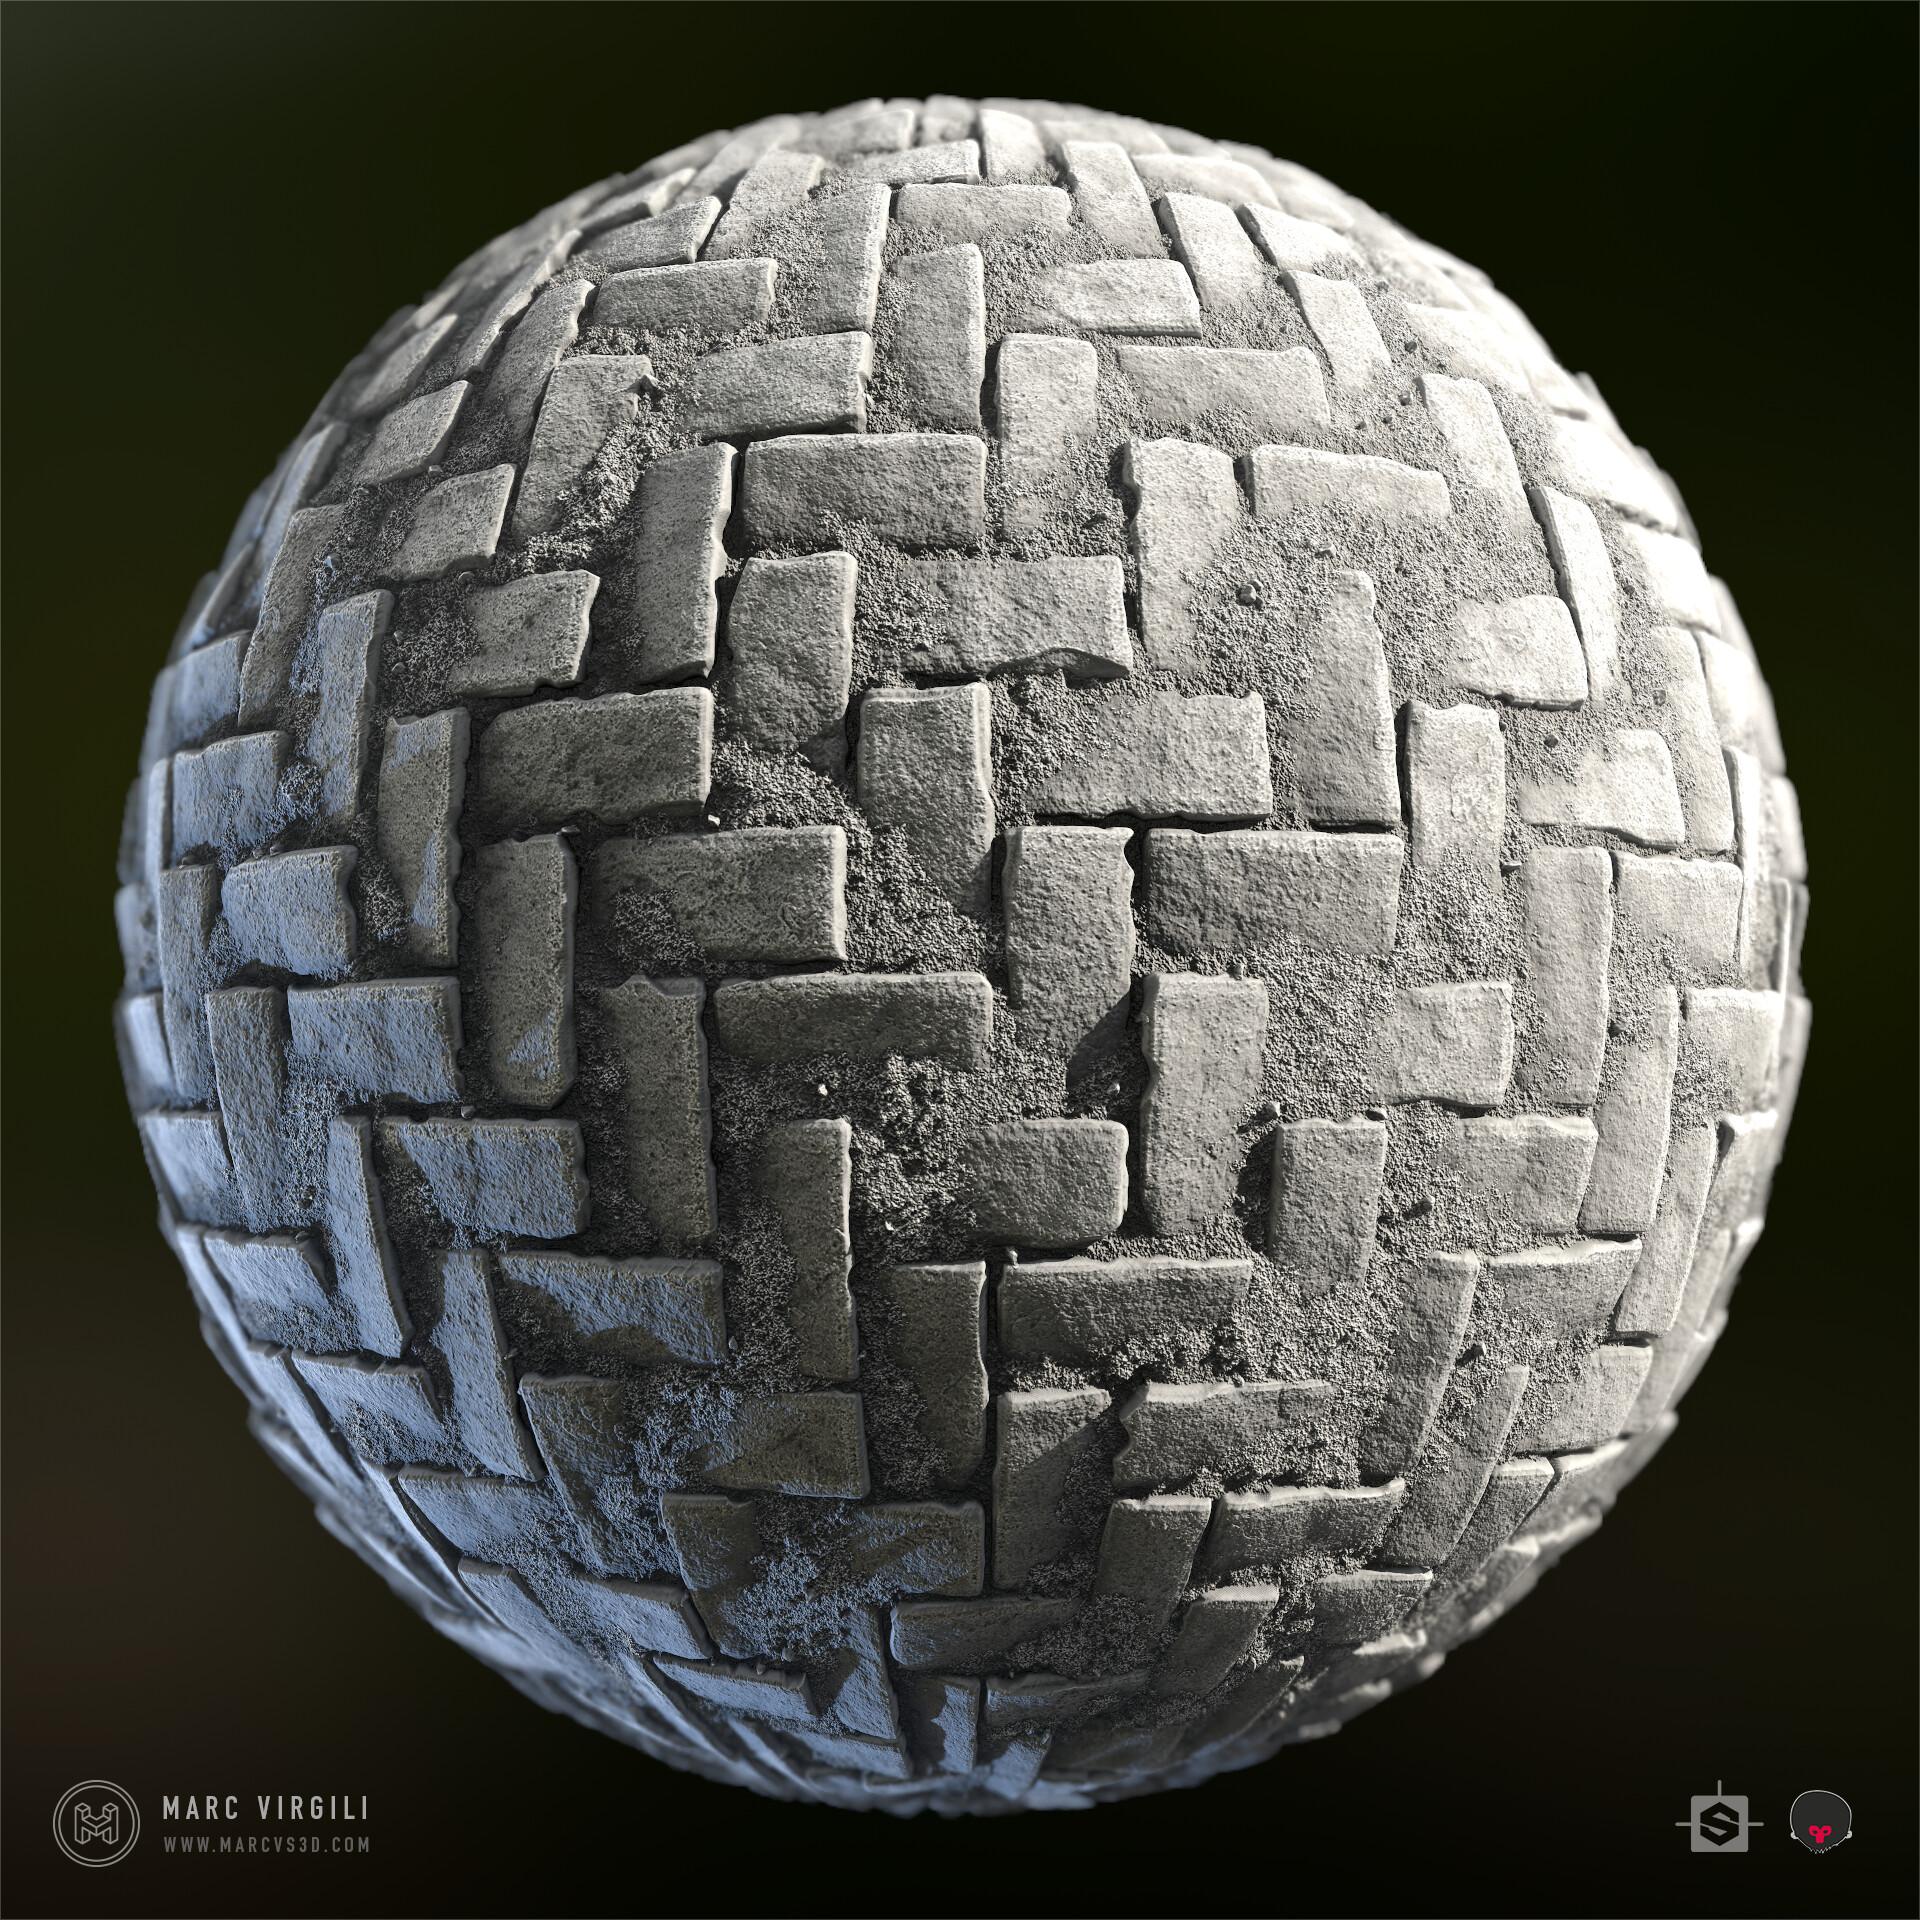 Marc virgili cobblestone sphere lighting